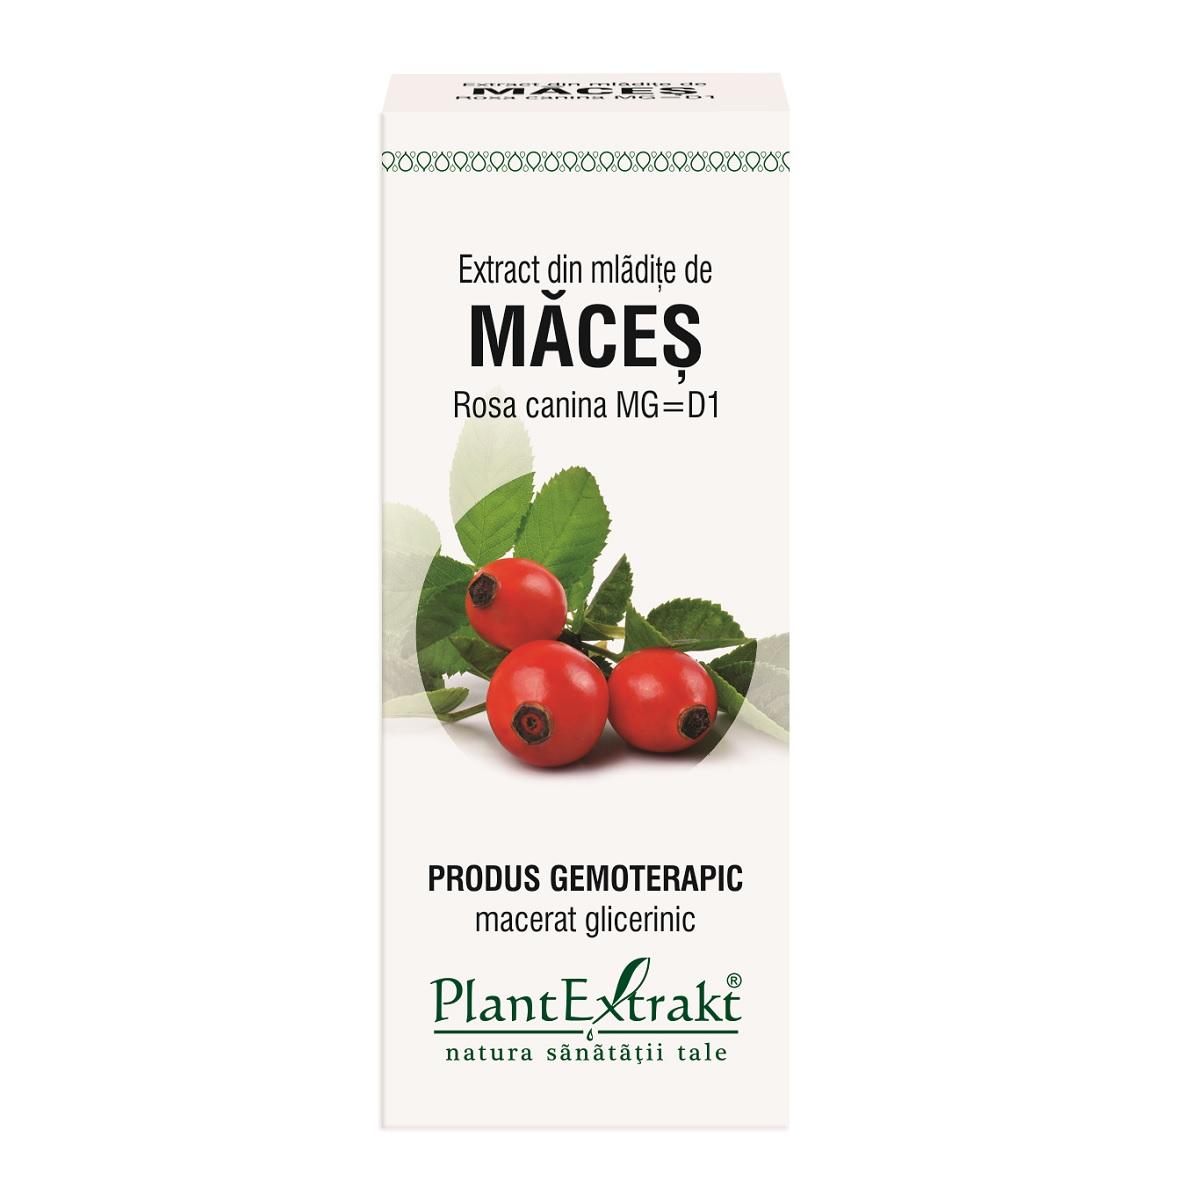 Extract din mladite de maces, 50ml, Plant Extract drmax.ro